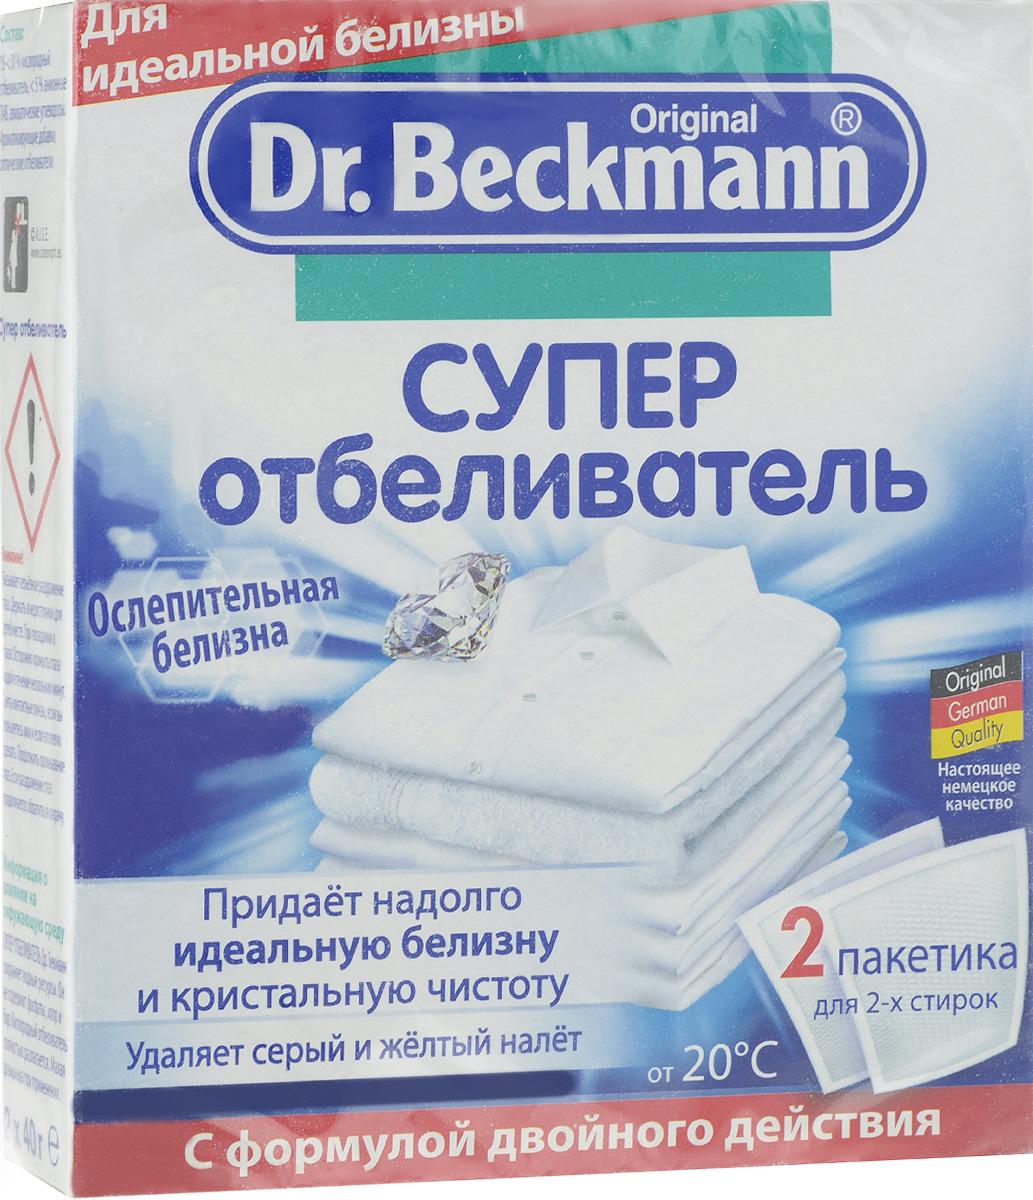 Отбеливатель Dr. Beckmann, 2 х 40 г37172Со временем и при частой стирке на низких температурах белые вещи сереют. Простое моющее средство не может удалить этот налет и вернуть вещам белизну. Отбеливатель Dr. Beckmann с новой формулой устраняет серый налет и пожелтение еще эффективнее и возвращает вашим вещам их сияющую белизну. Формула двойного действия обеспечивает максимально эффективное отбеливание ткани и сохраняет белизну даже после последующих стирок. Комплектация: 2 пакетика. Вес одного пакетика: 40 г. Товар сертифицирован.